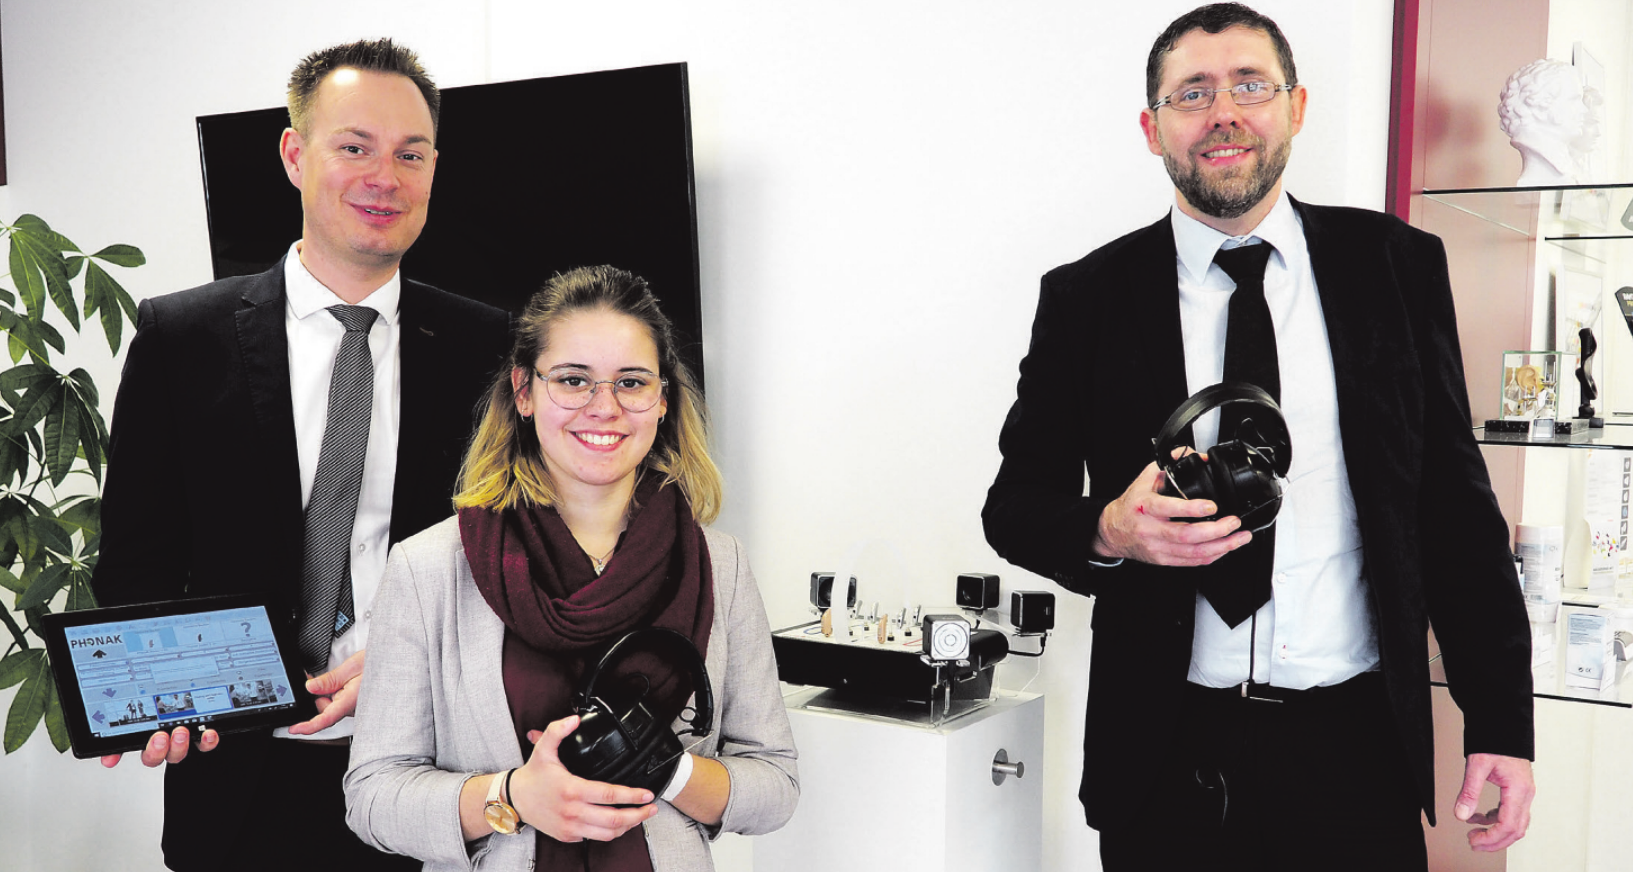 Felix Schmelzer (l.), Franka Tesch und Steffen Leitow präsentieren den Klangfinder. Mithilfe des Gerätes lassen sich unkompliziert verschiedene Hörgeräte vergleichen Foto: C. Schlie